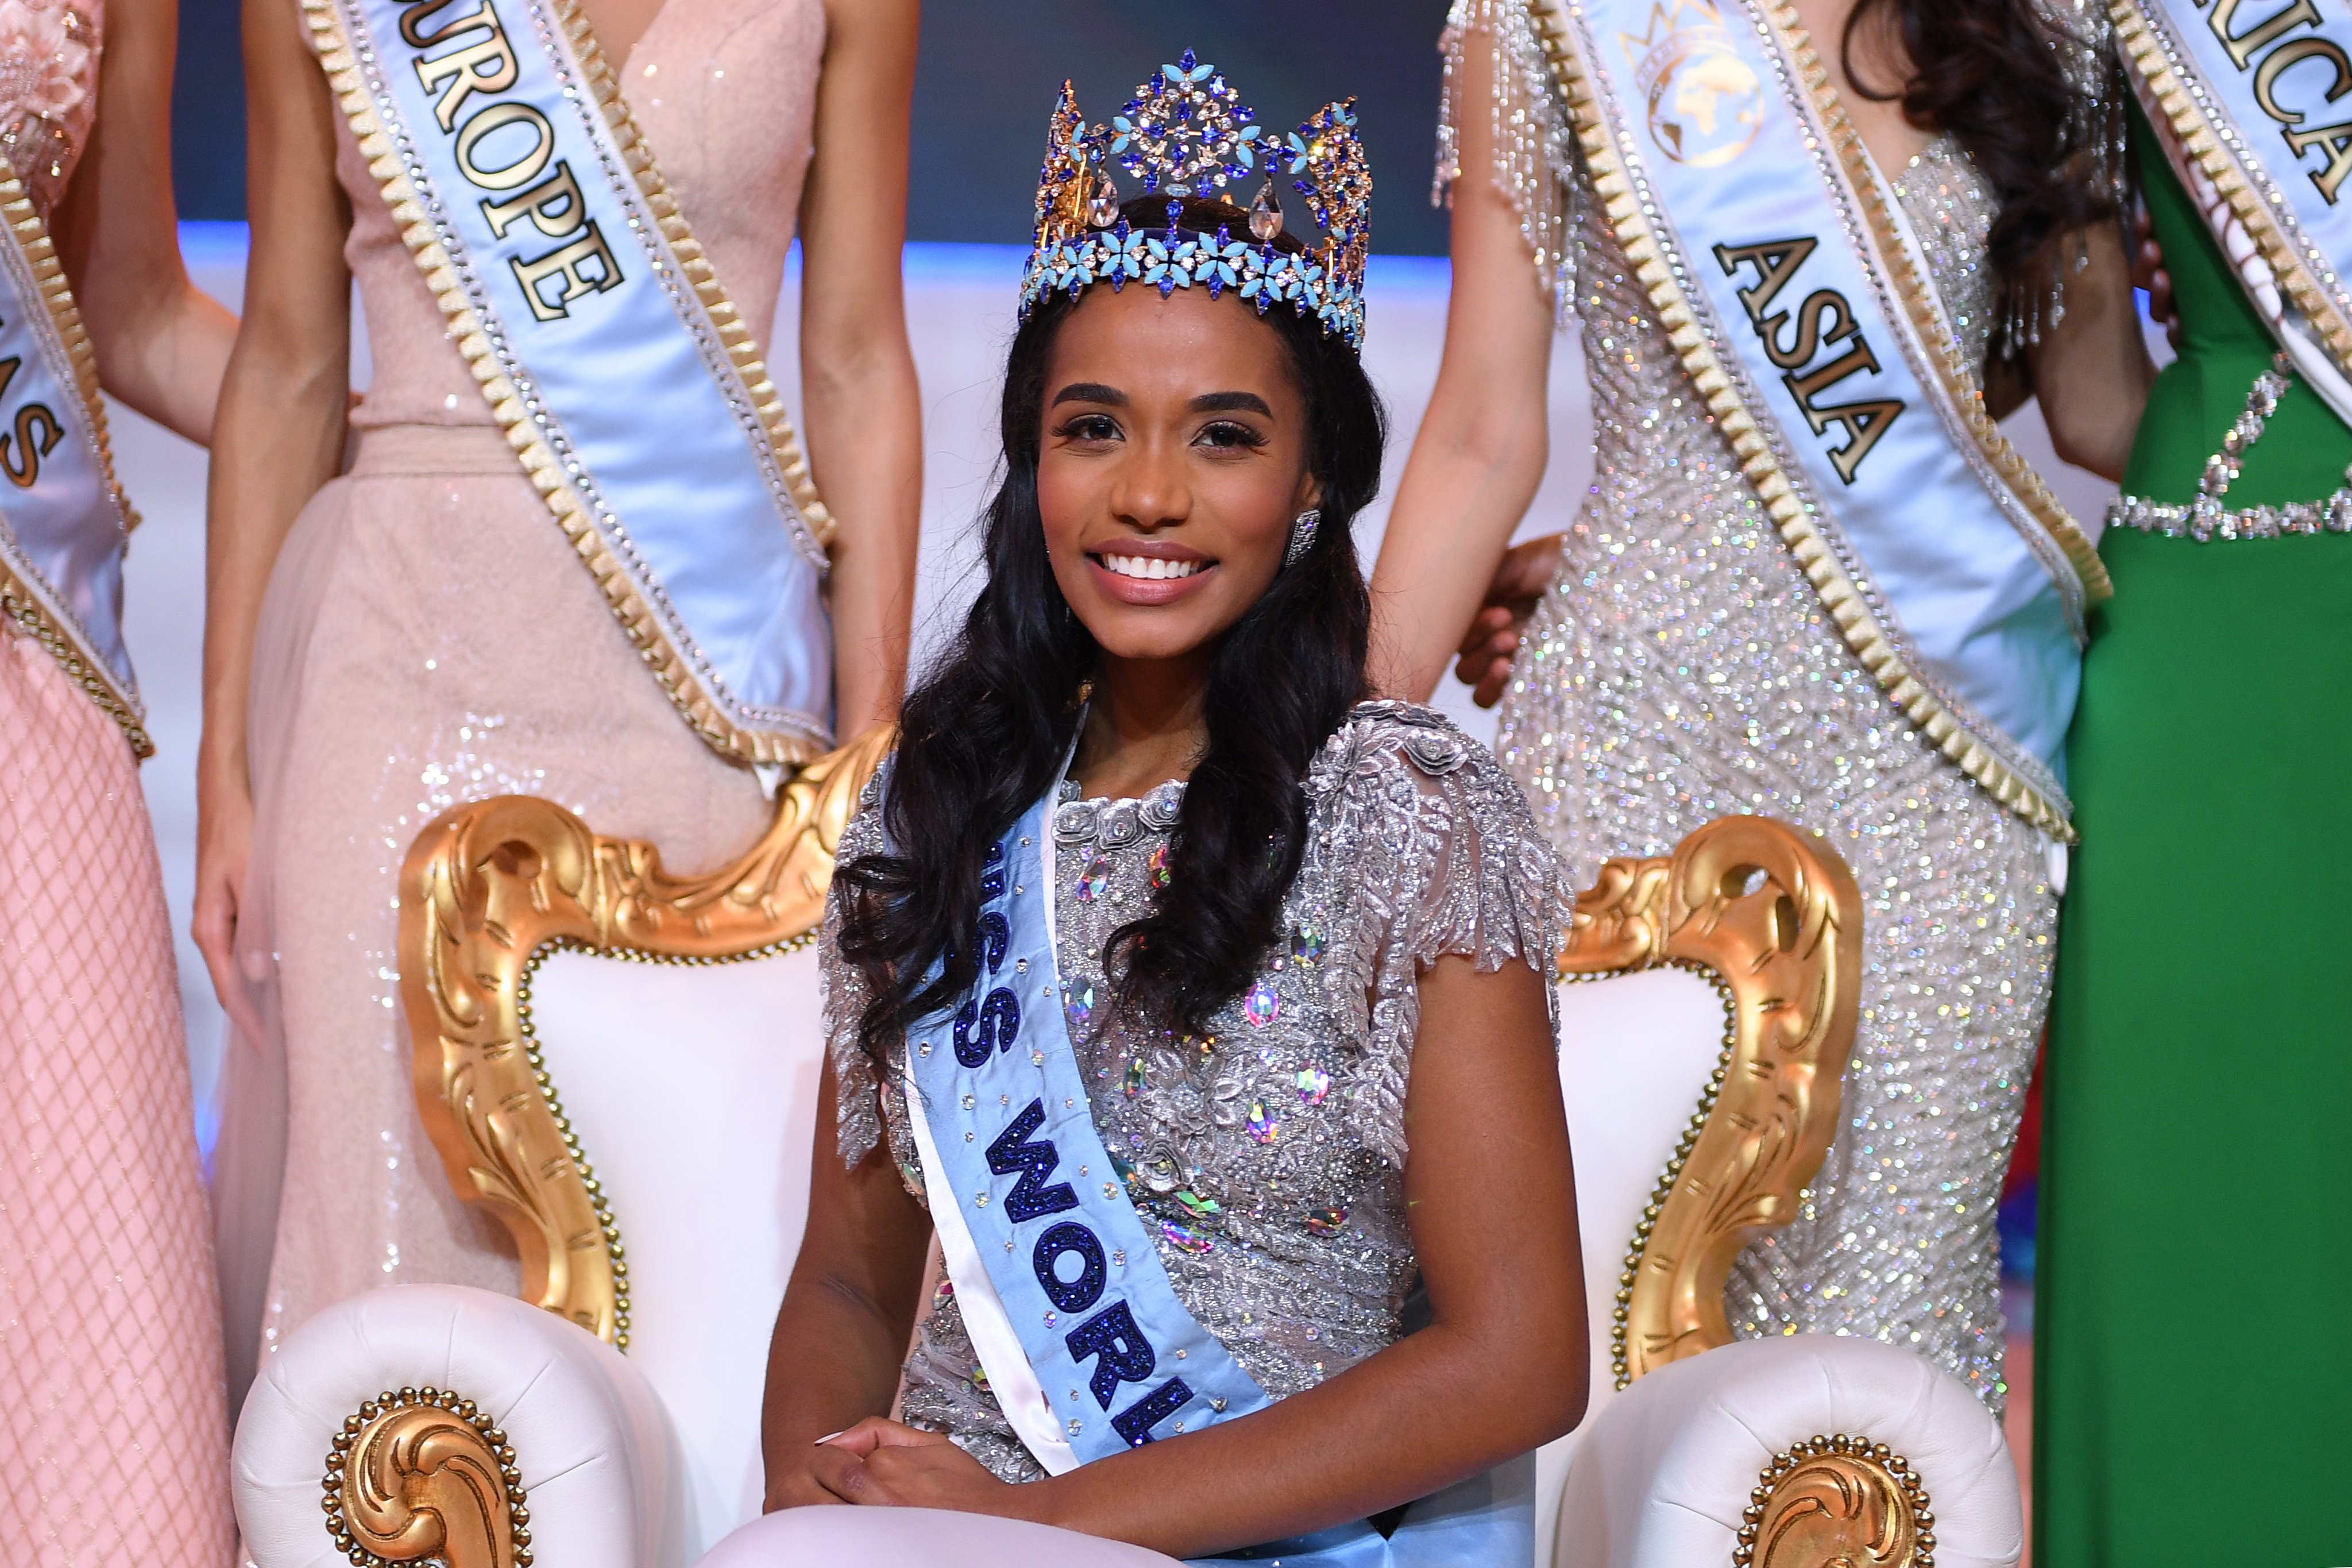 miss jamaica crowned miss world 2019 enca. Black Bedroom Furniture Sets. Home Design Ideas